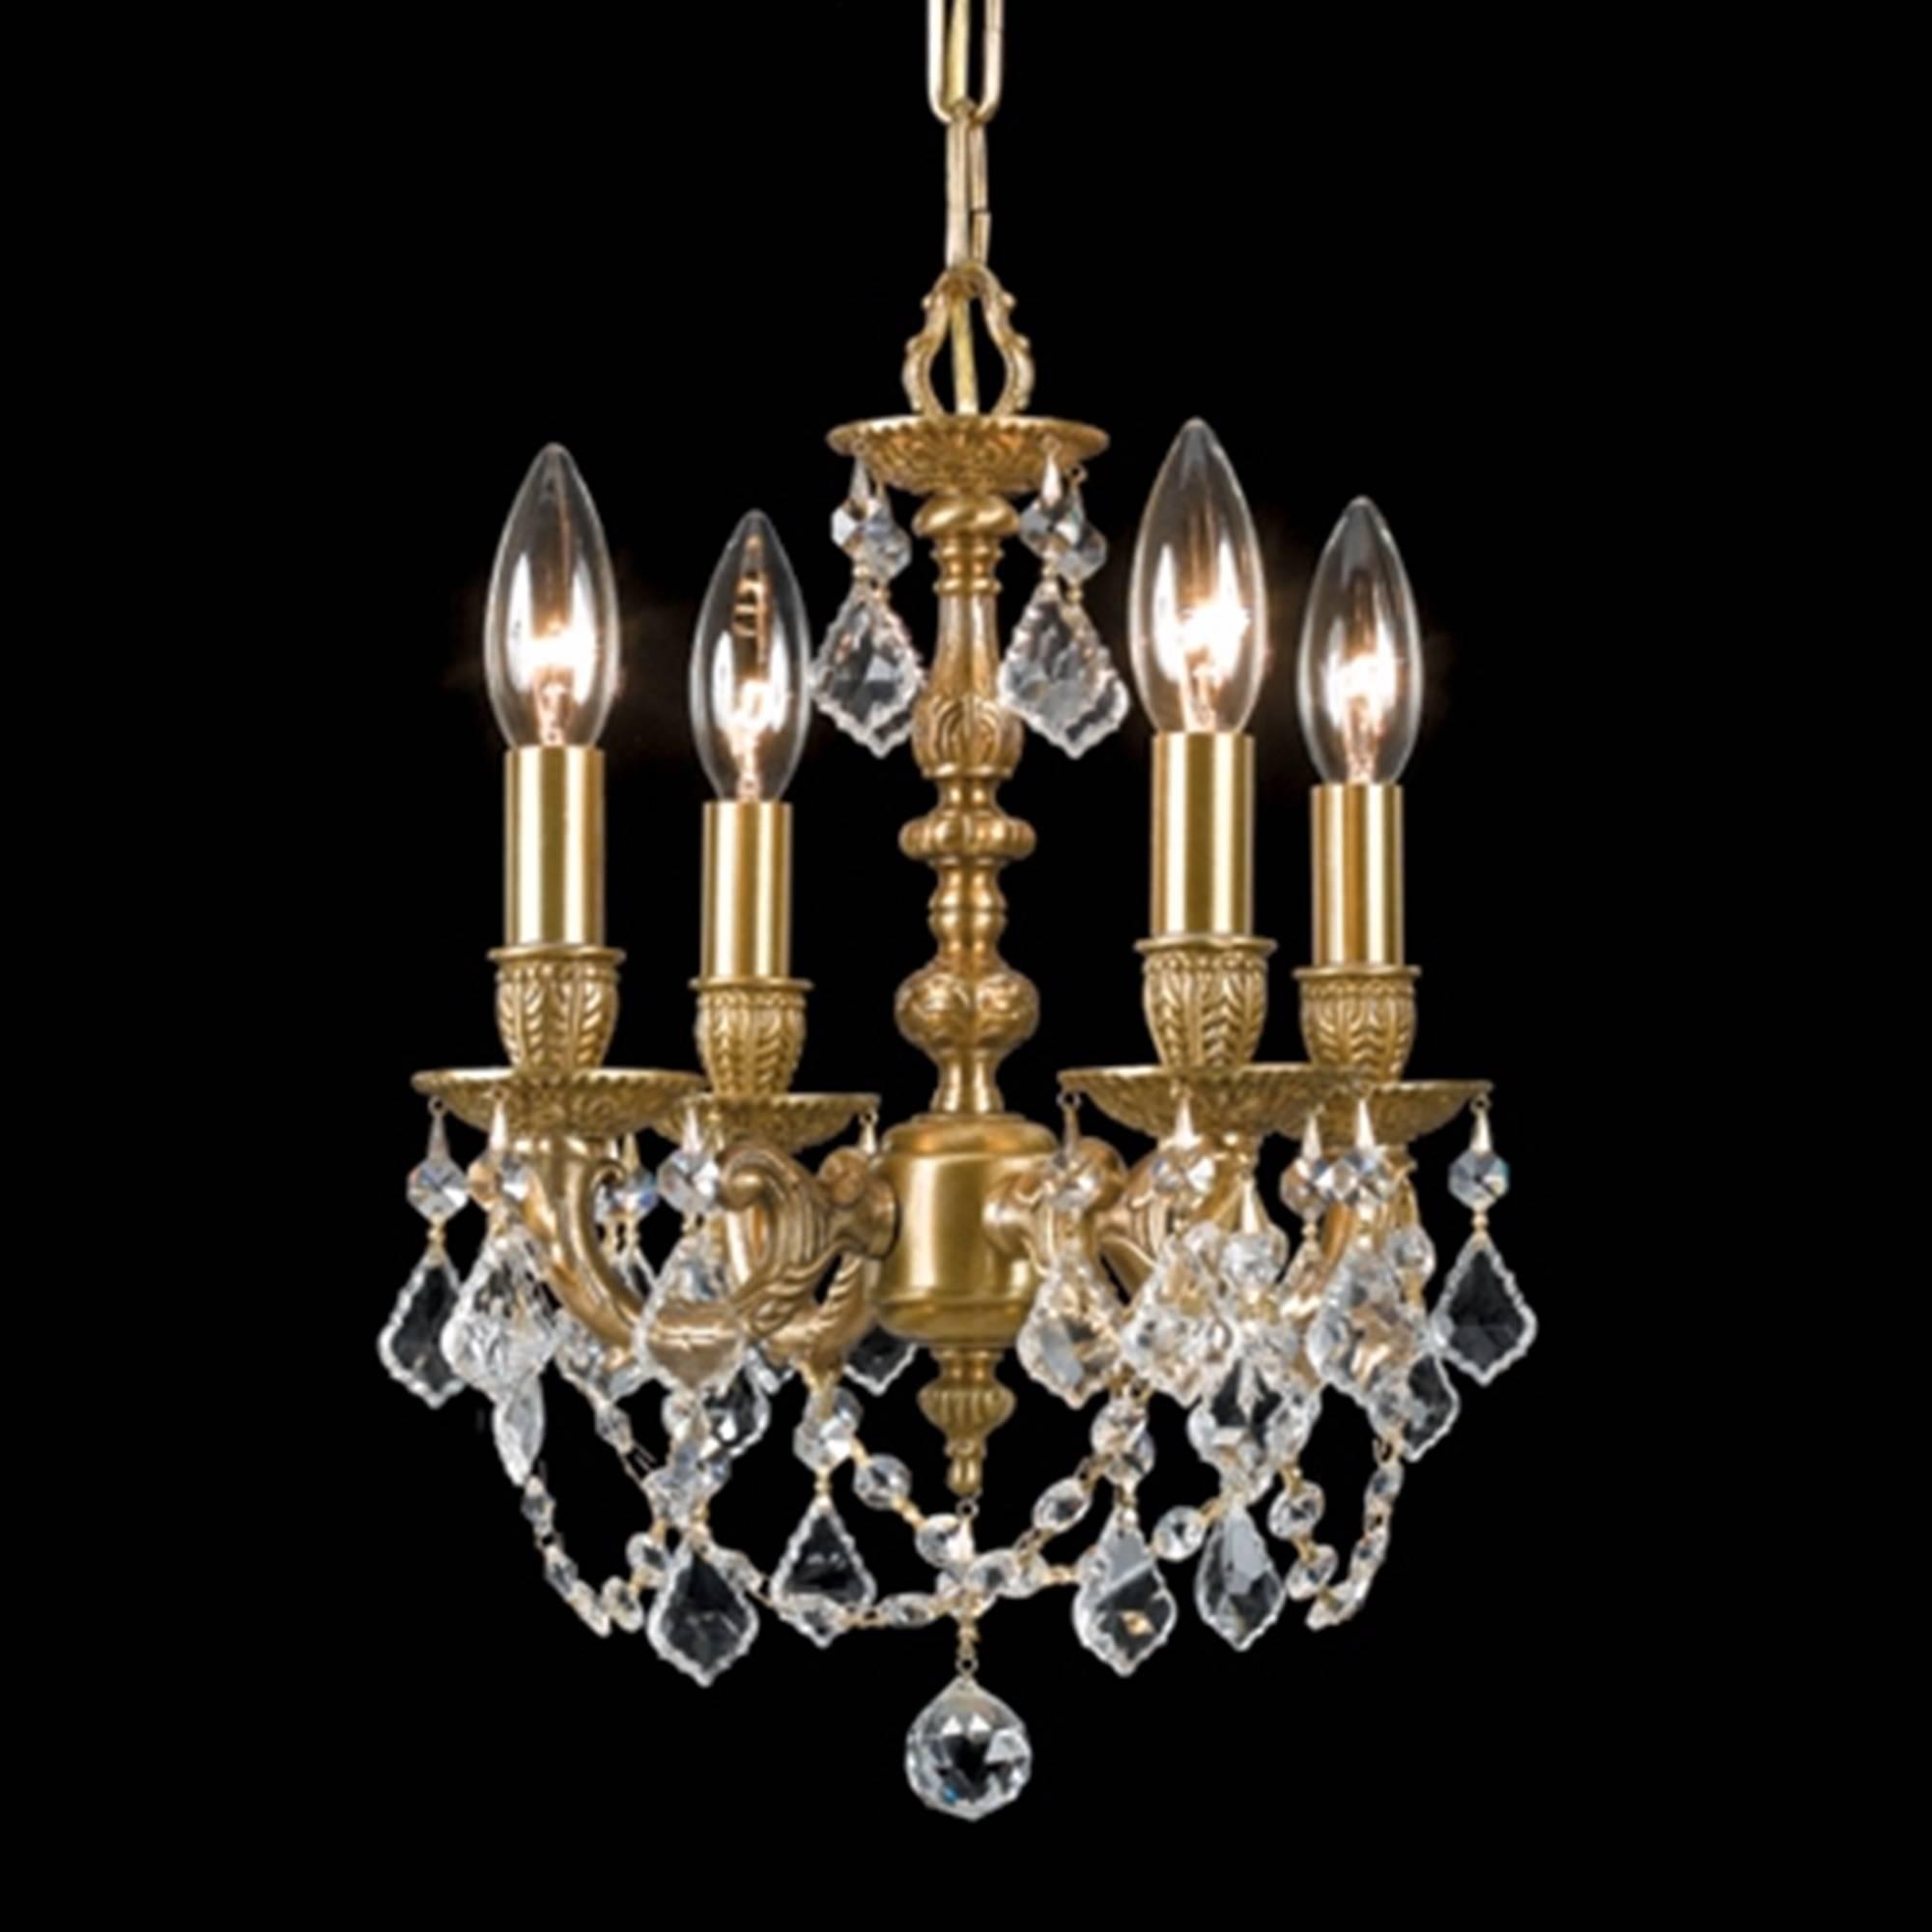 Hallie 21 Quot Wide Clear Crystal Chandelier 4j441 Lamps Plus